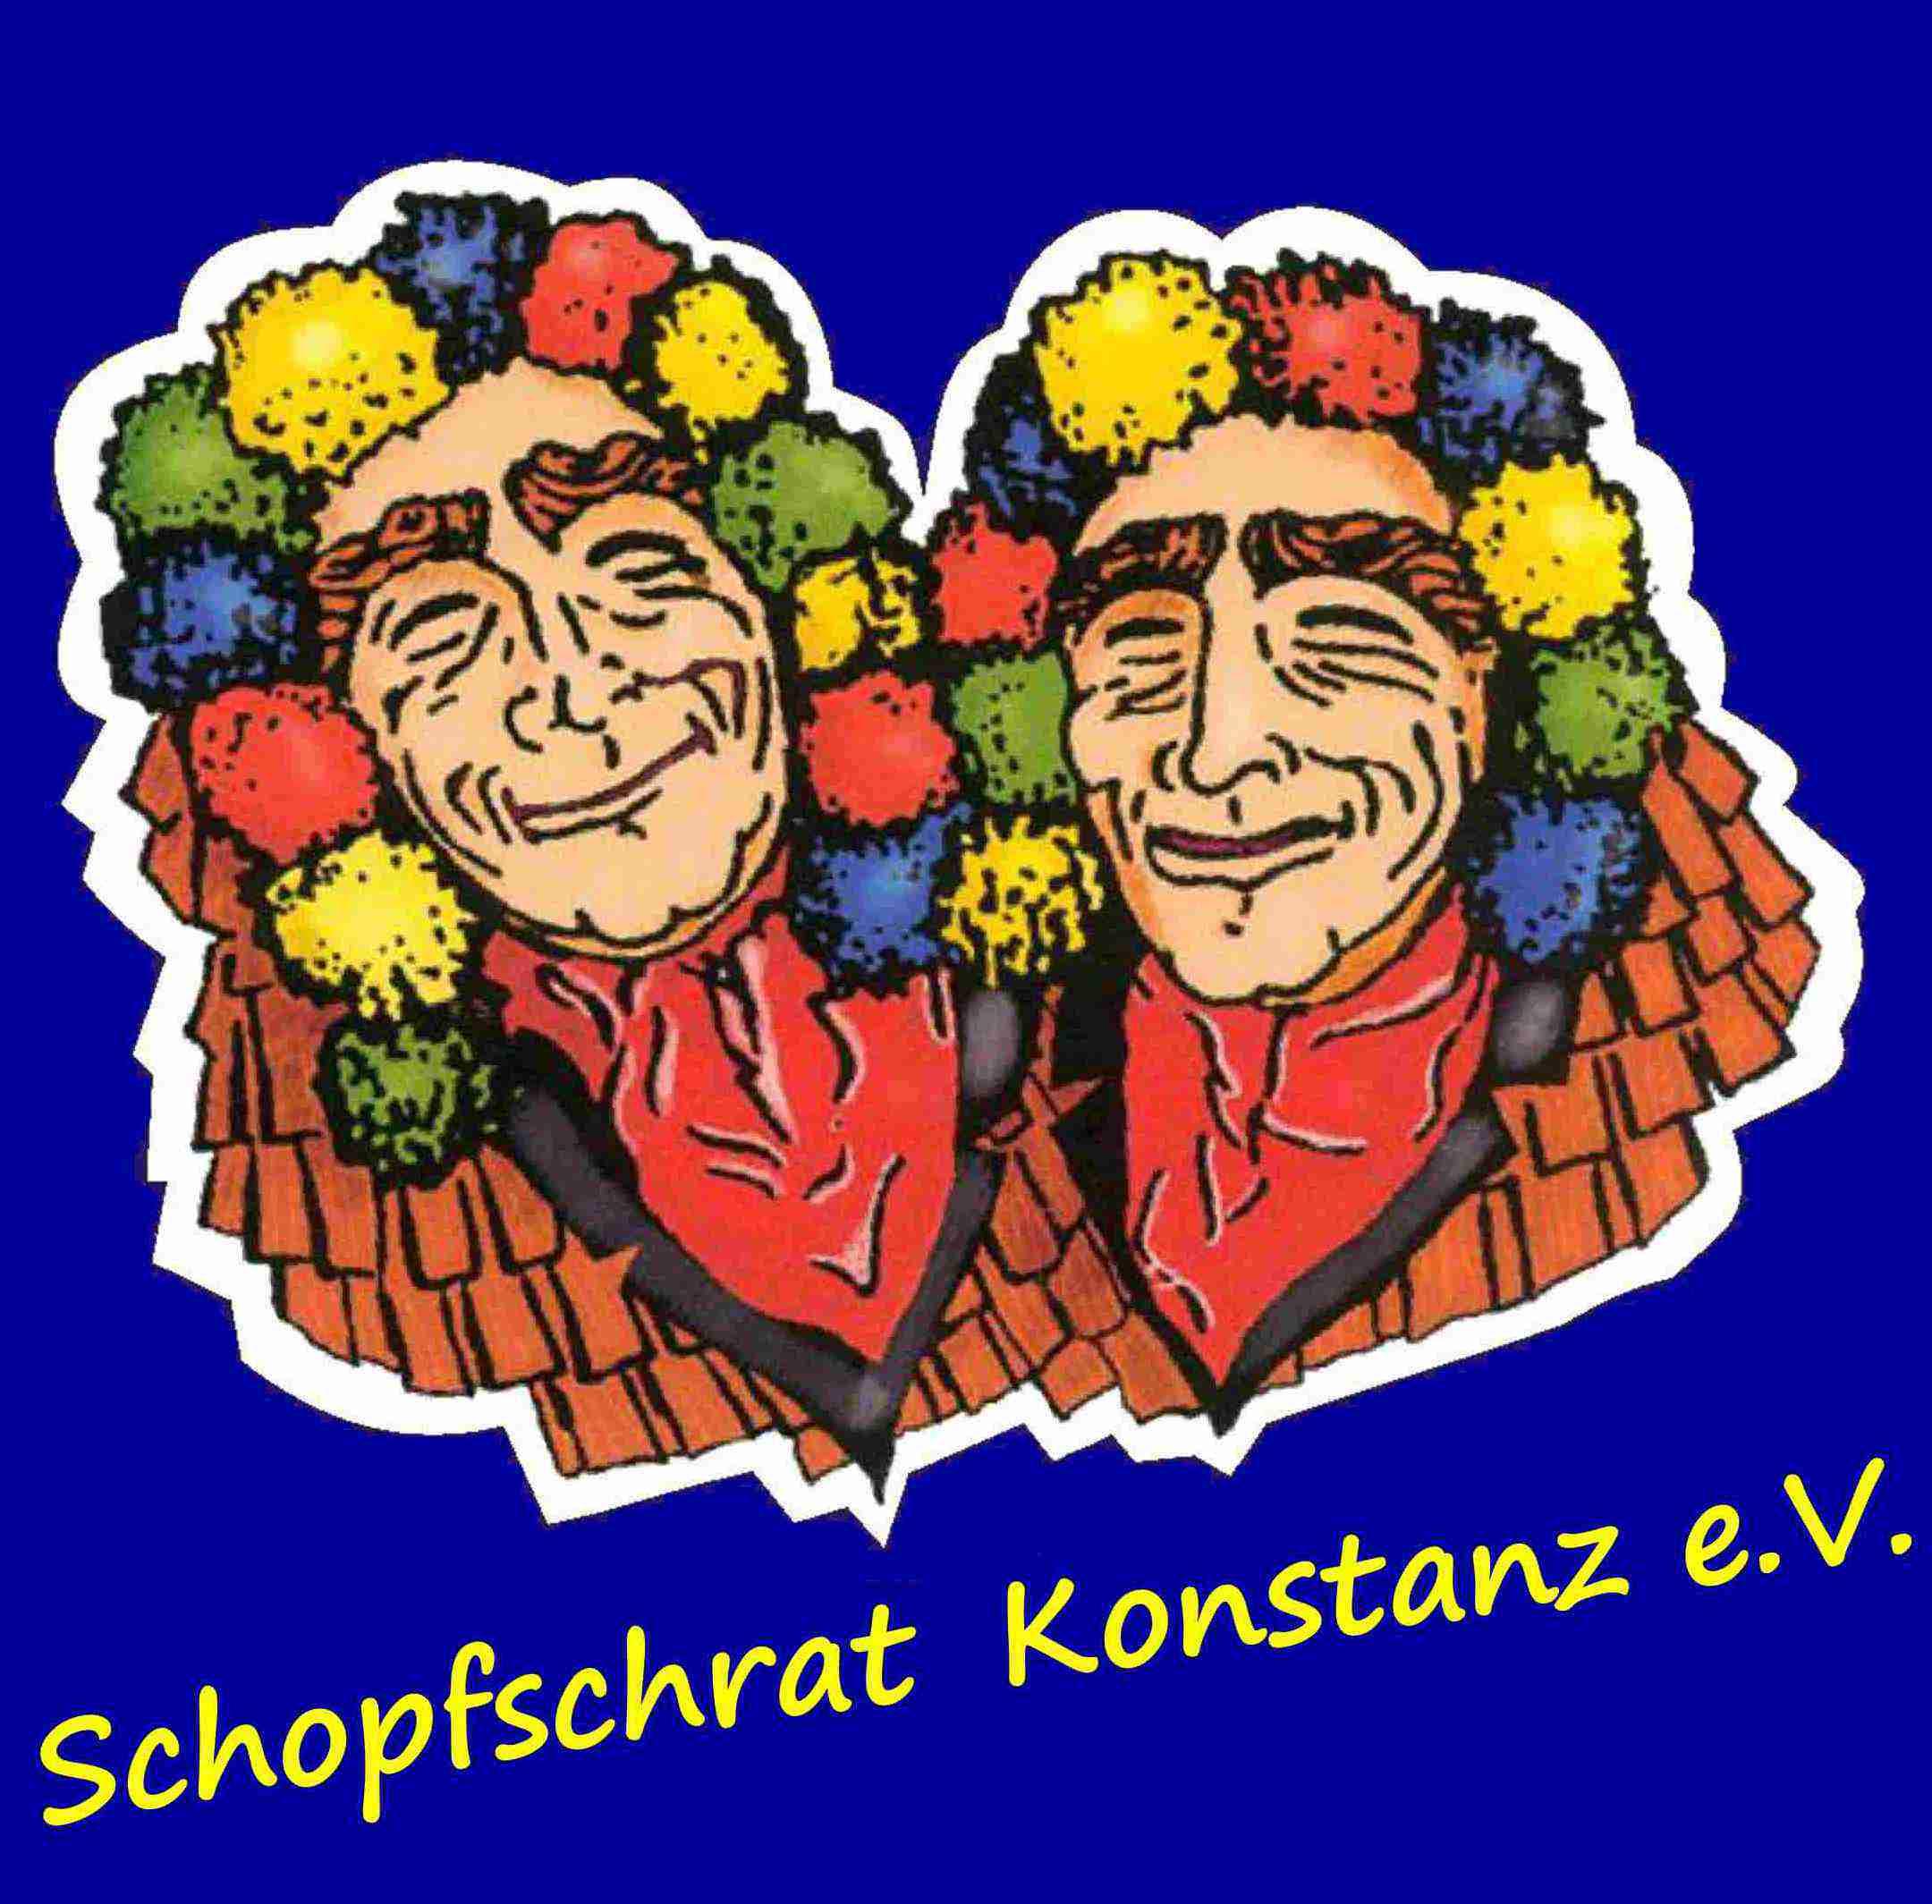 Schopfschrat Konstanz